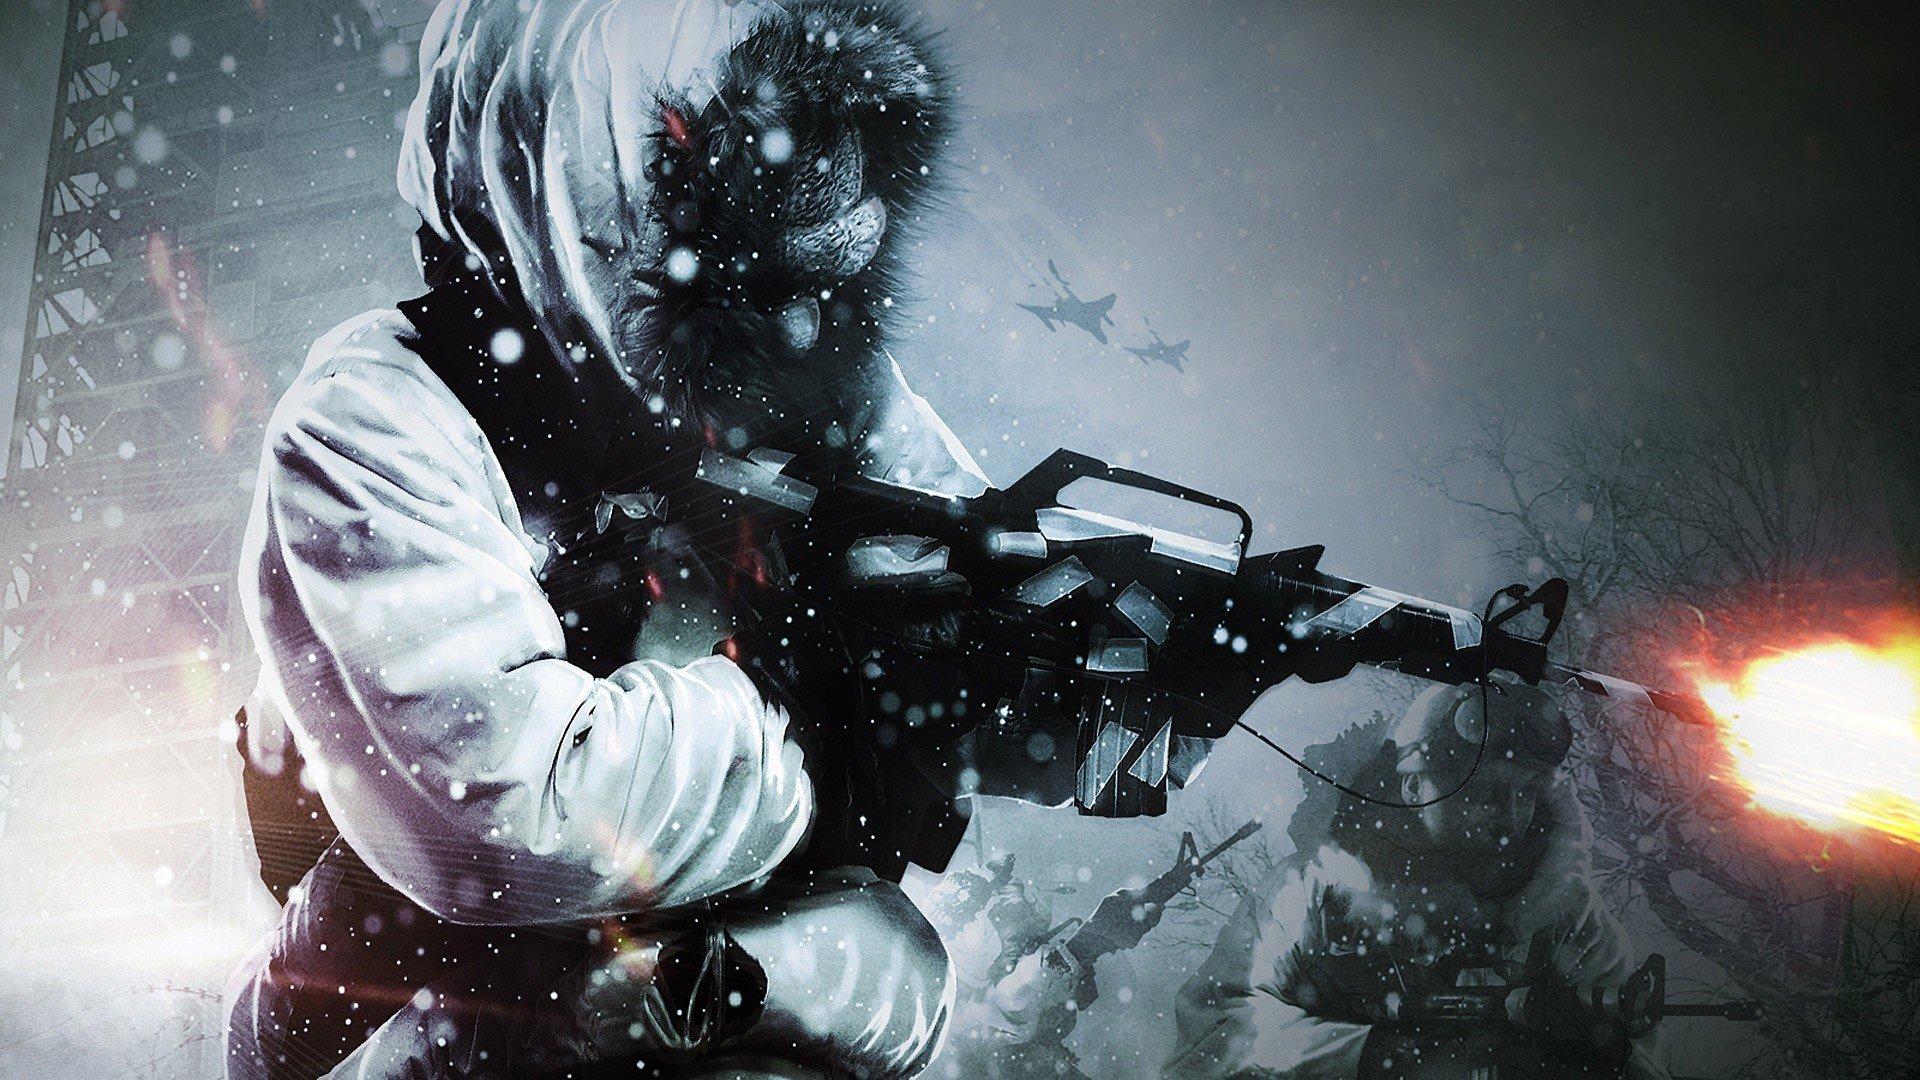 《使命召唤7:黑色行动》去除片头动画补丁